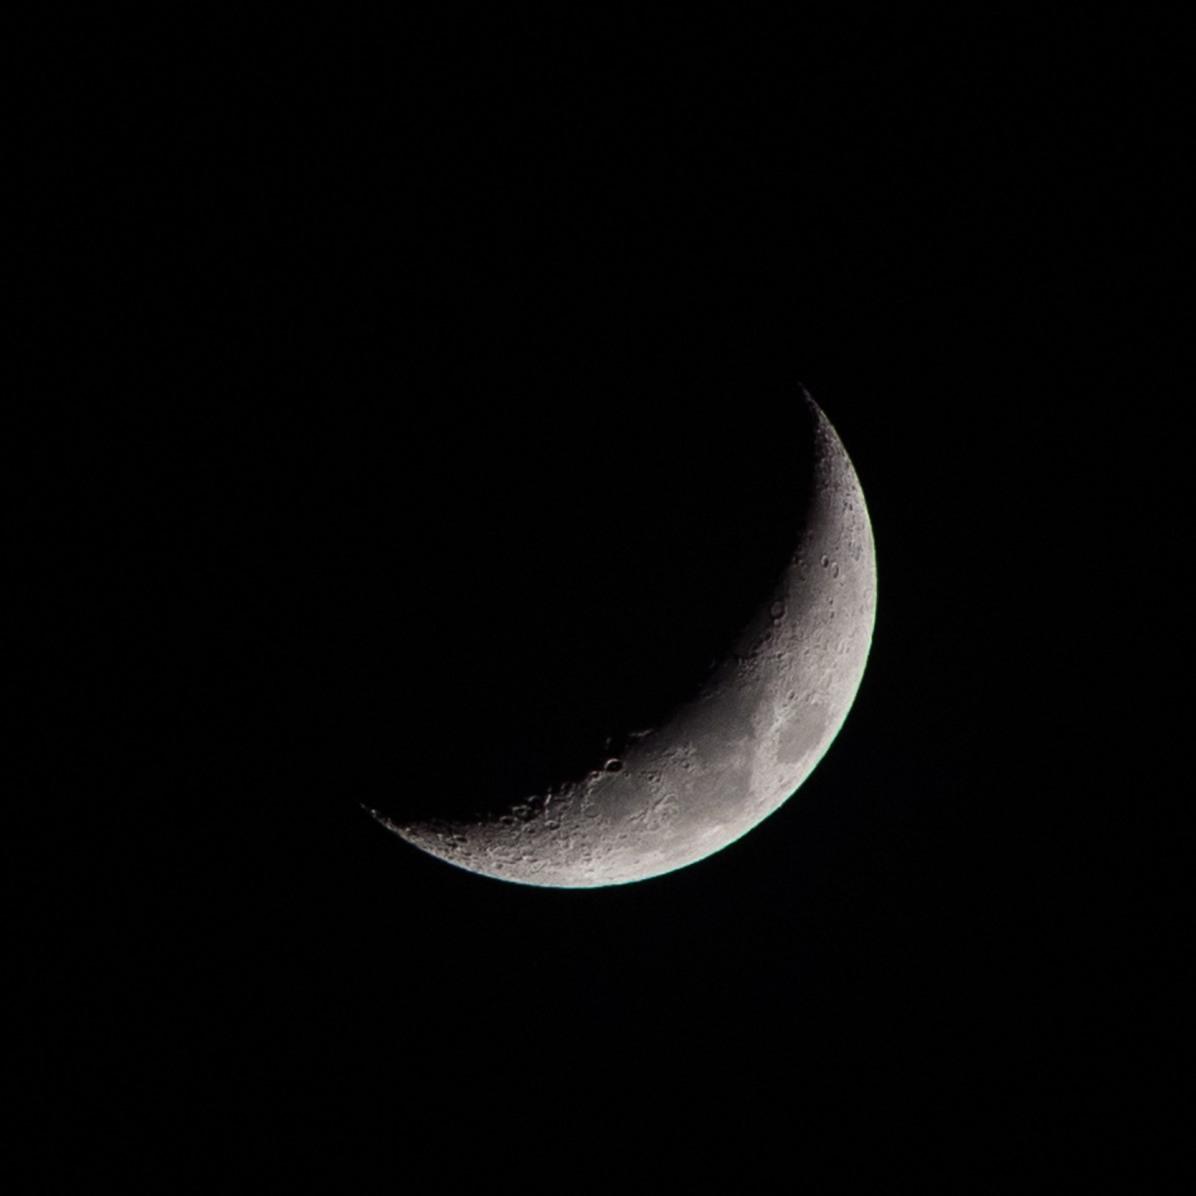 Nieuwe maan, dag 20 vanaf volle maan. 11-03-2019 Tijdstip: 20.46 uur Maanopkomst 09.16 Maanondergang 23.53 (Maan 20)